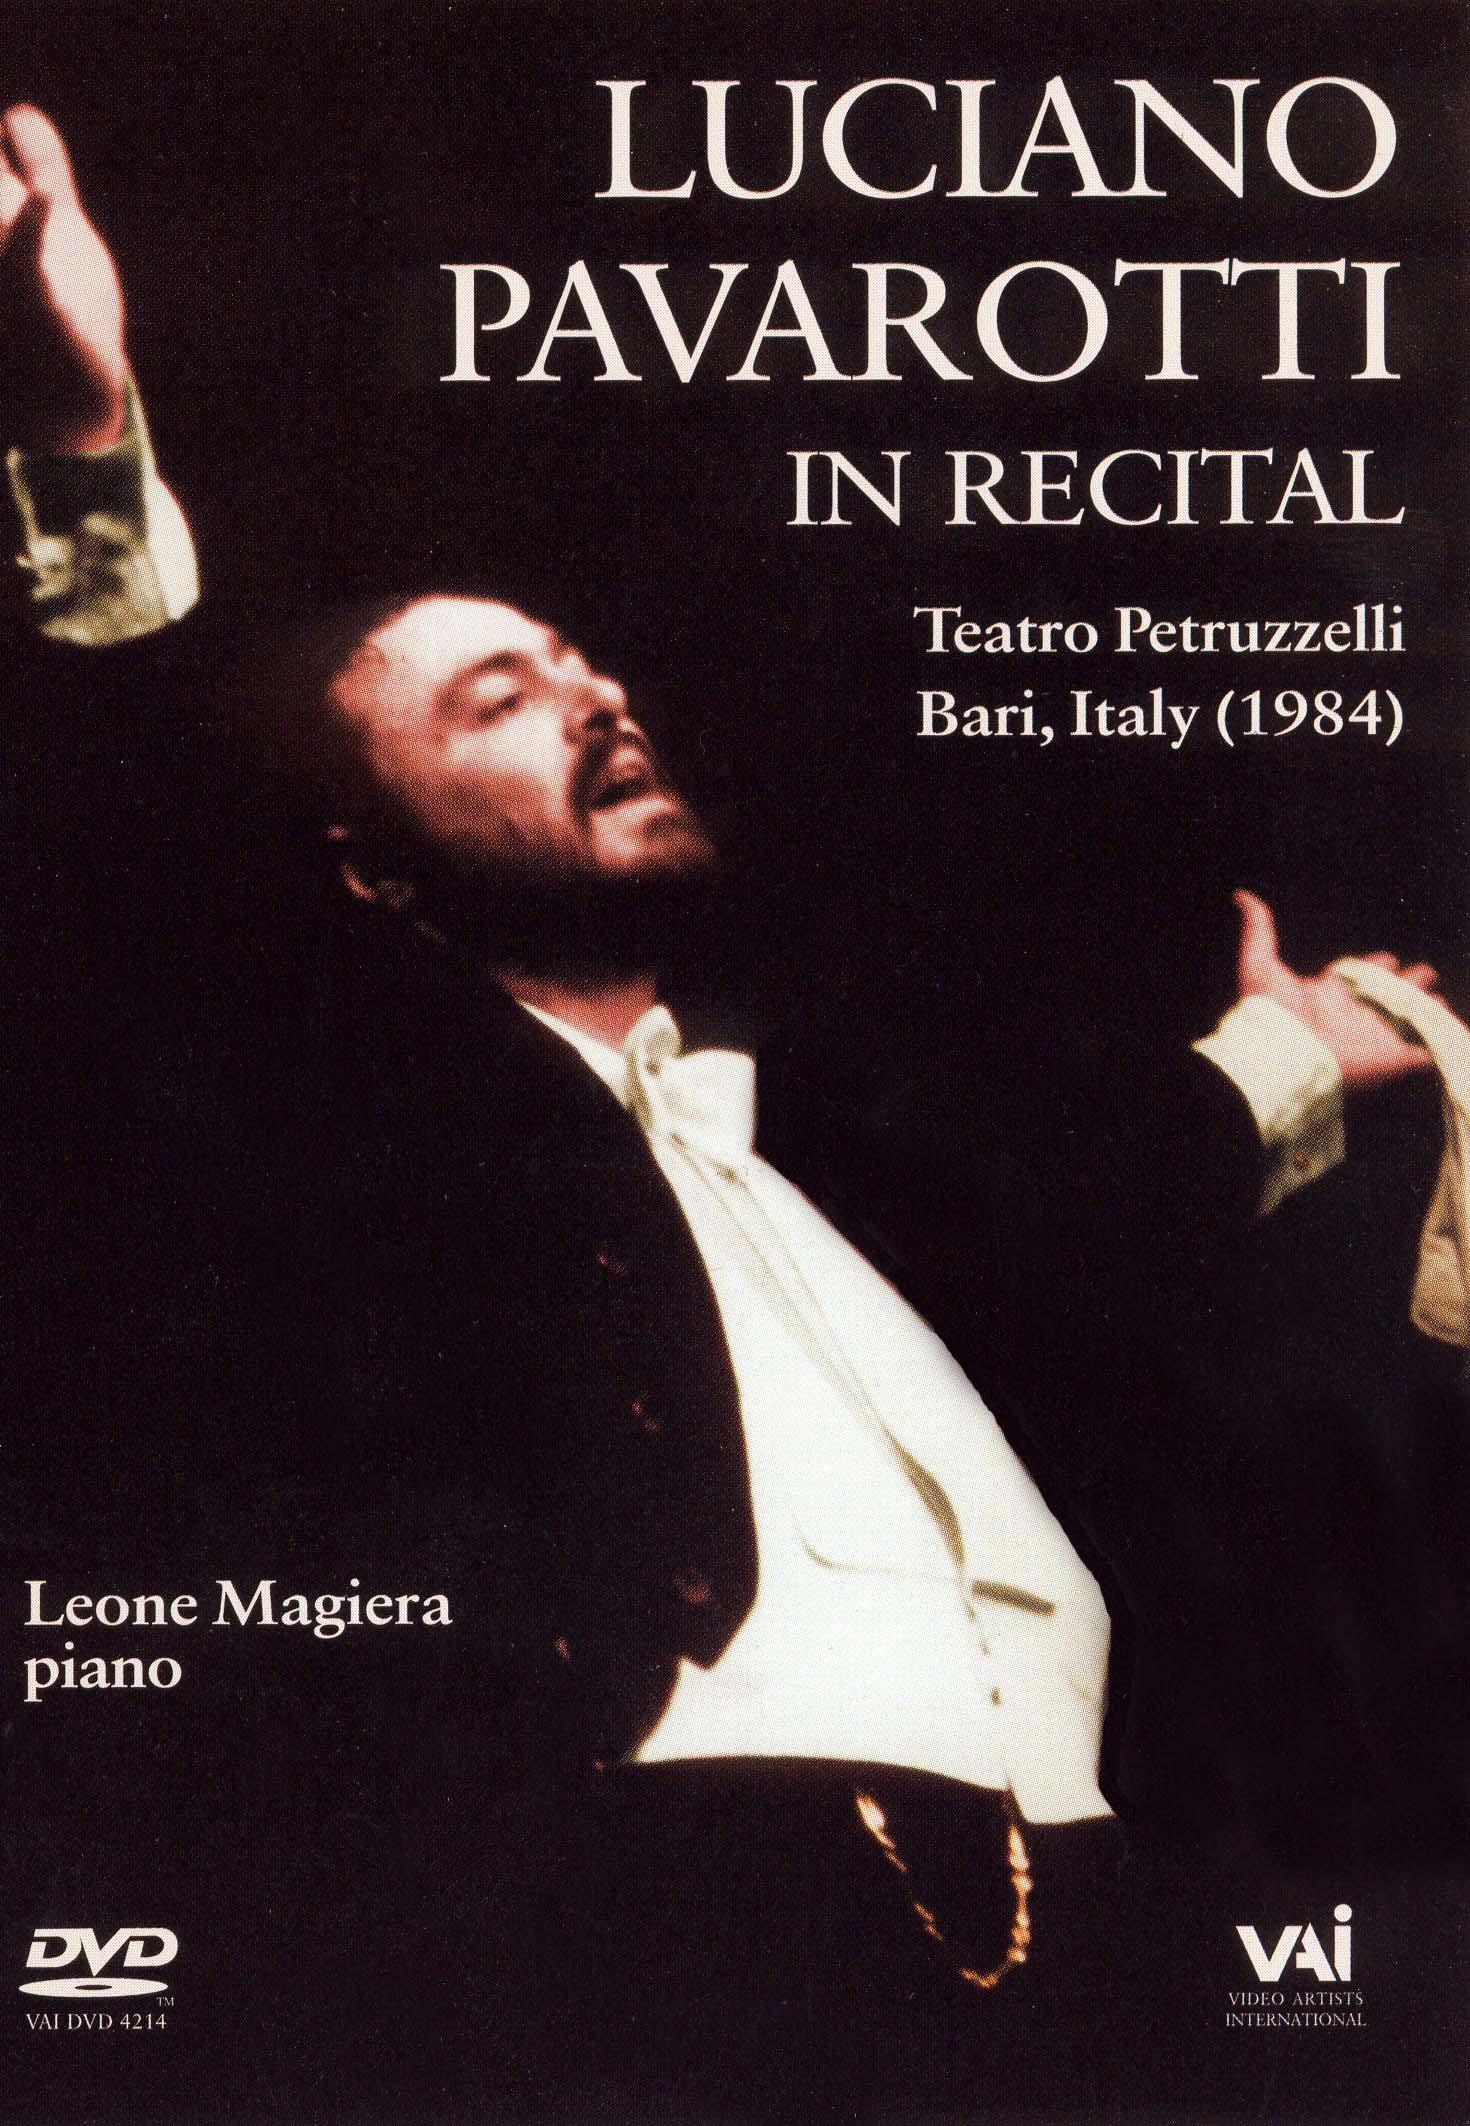 Luciano Pavarotti in Recital: Bari, Italy 1984